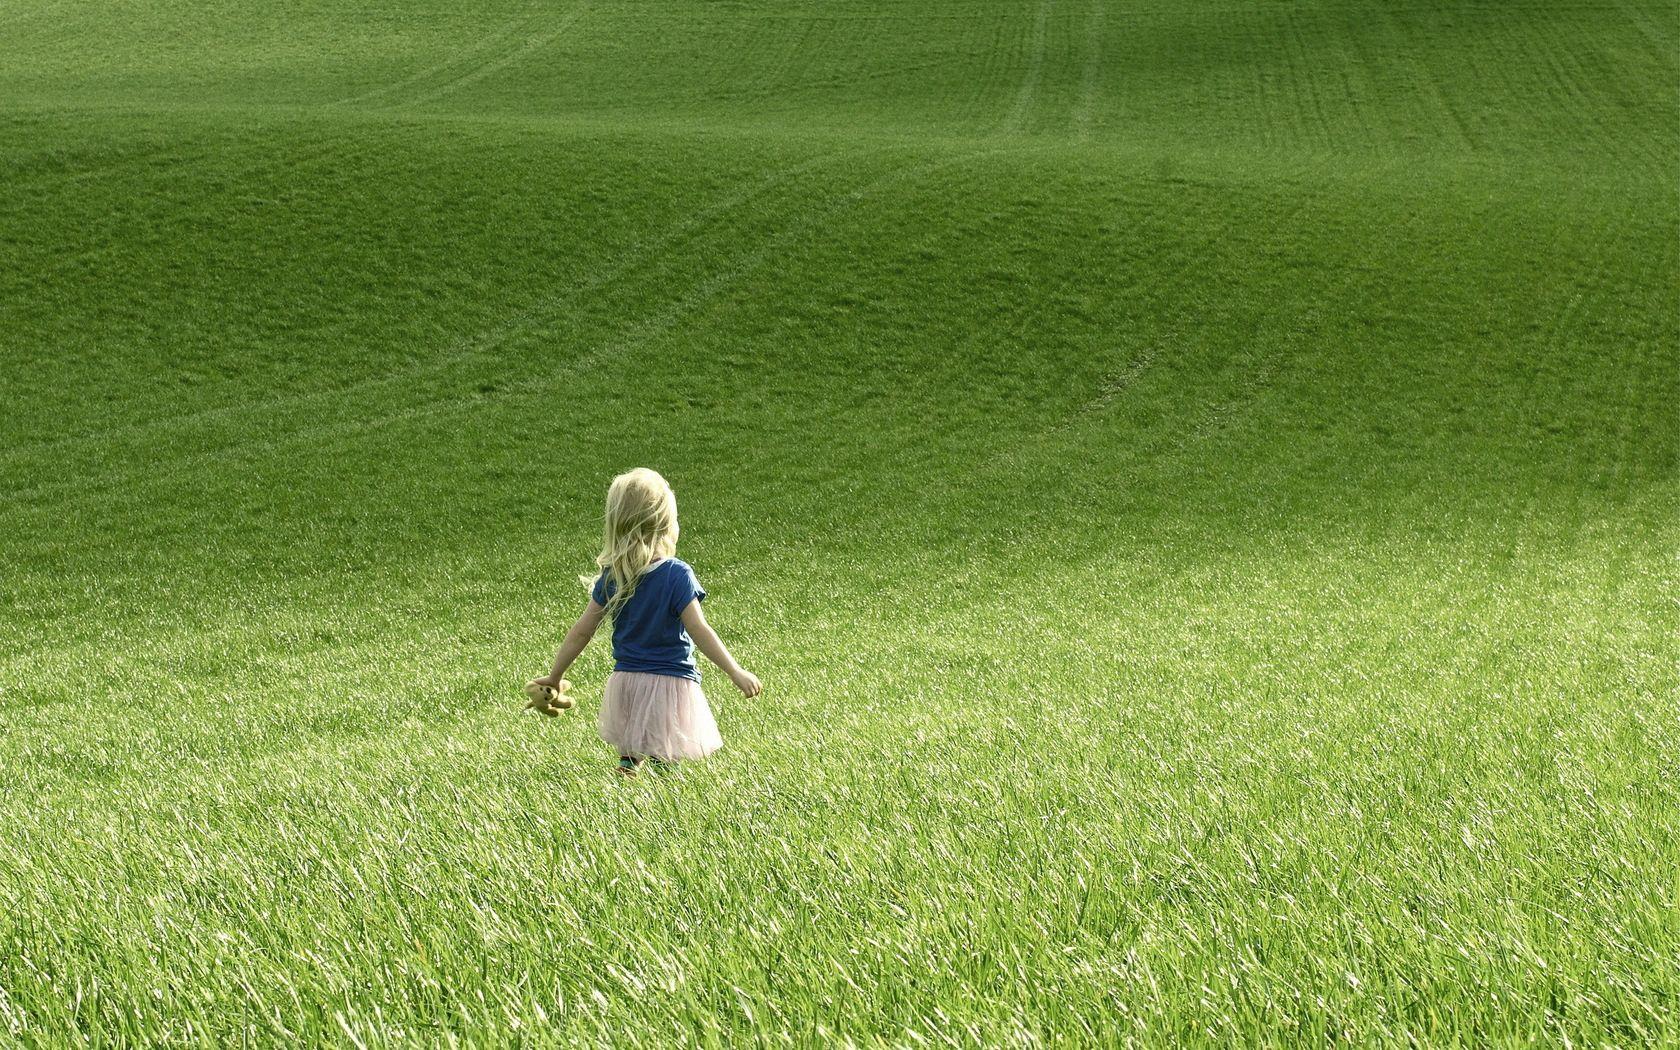 142525 скачать обои Разное, Девочка, Ребенок, Поле, Трава, Прогулка - заставки и картинки бесплатно